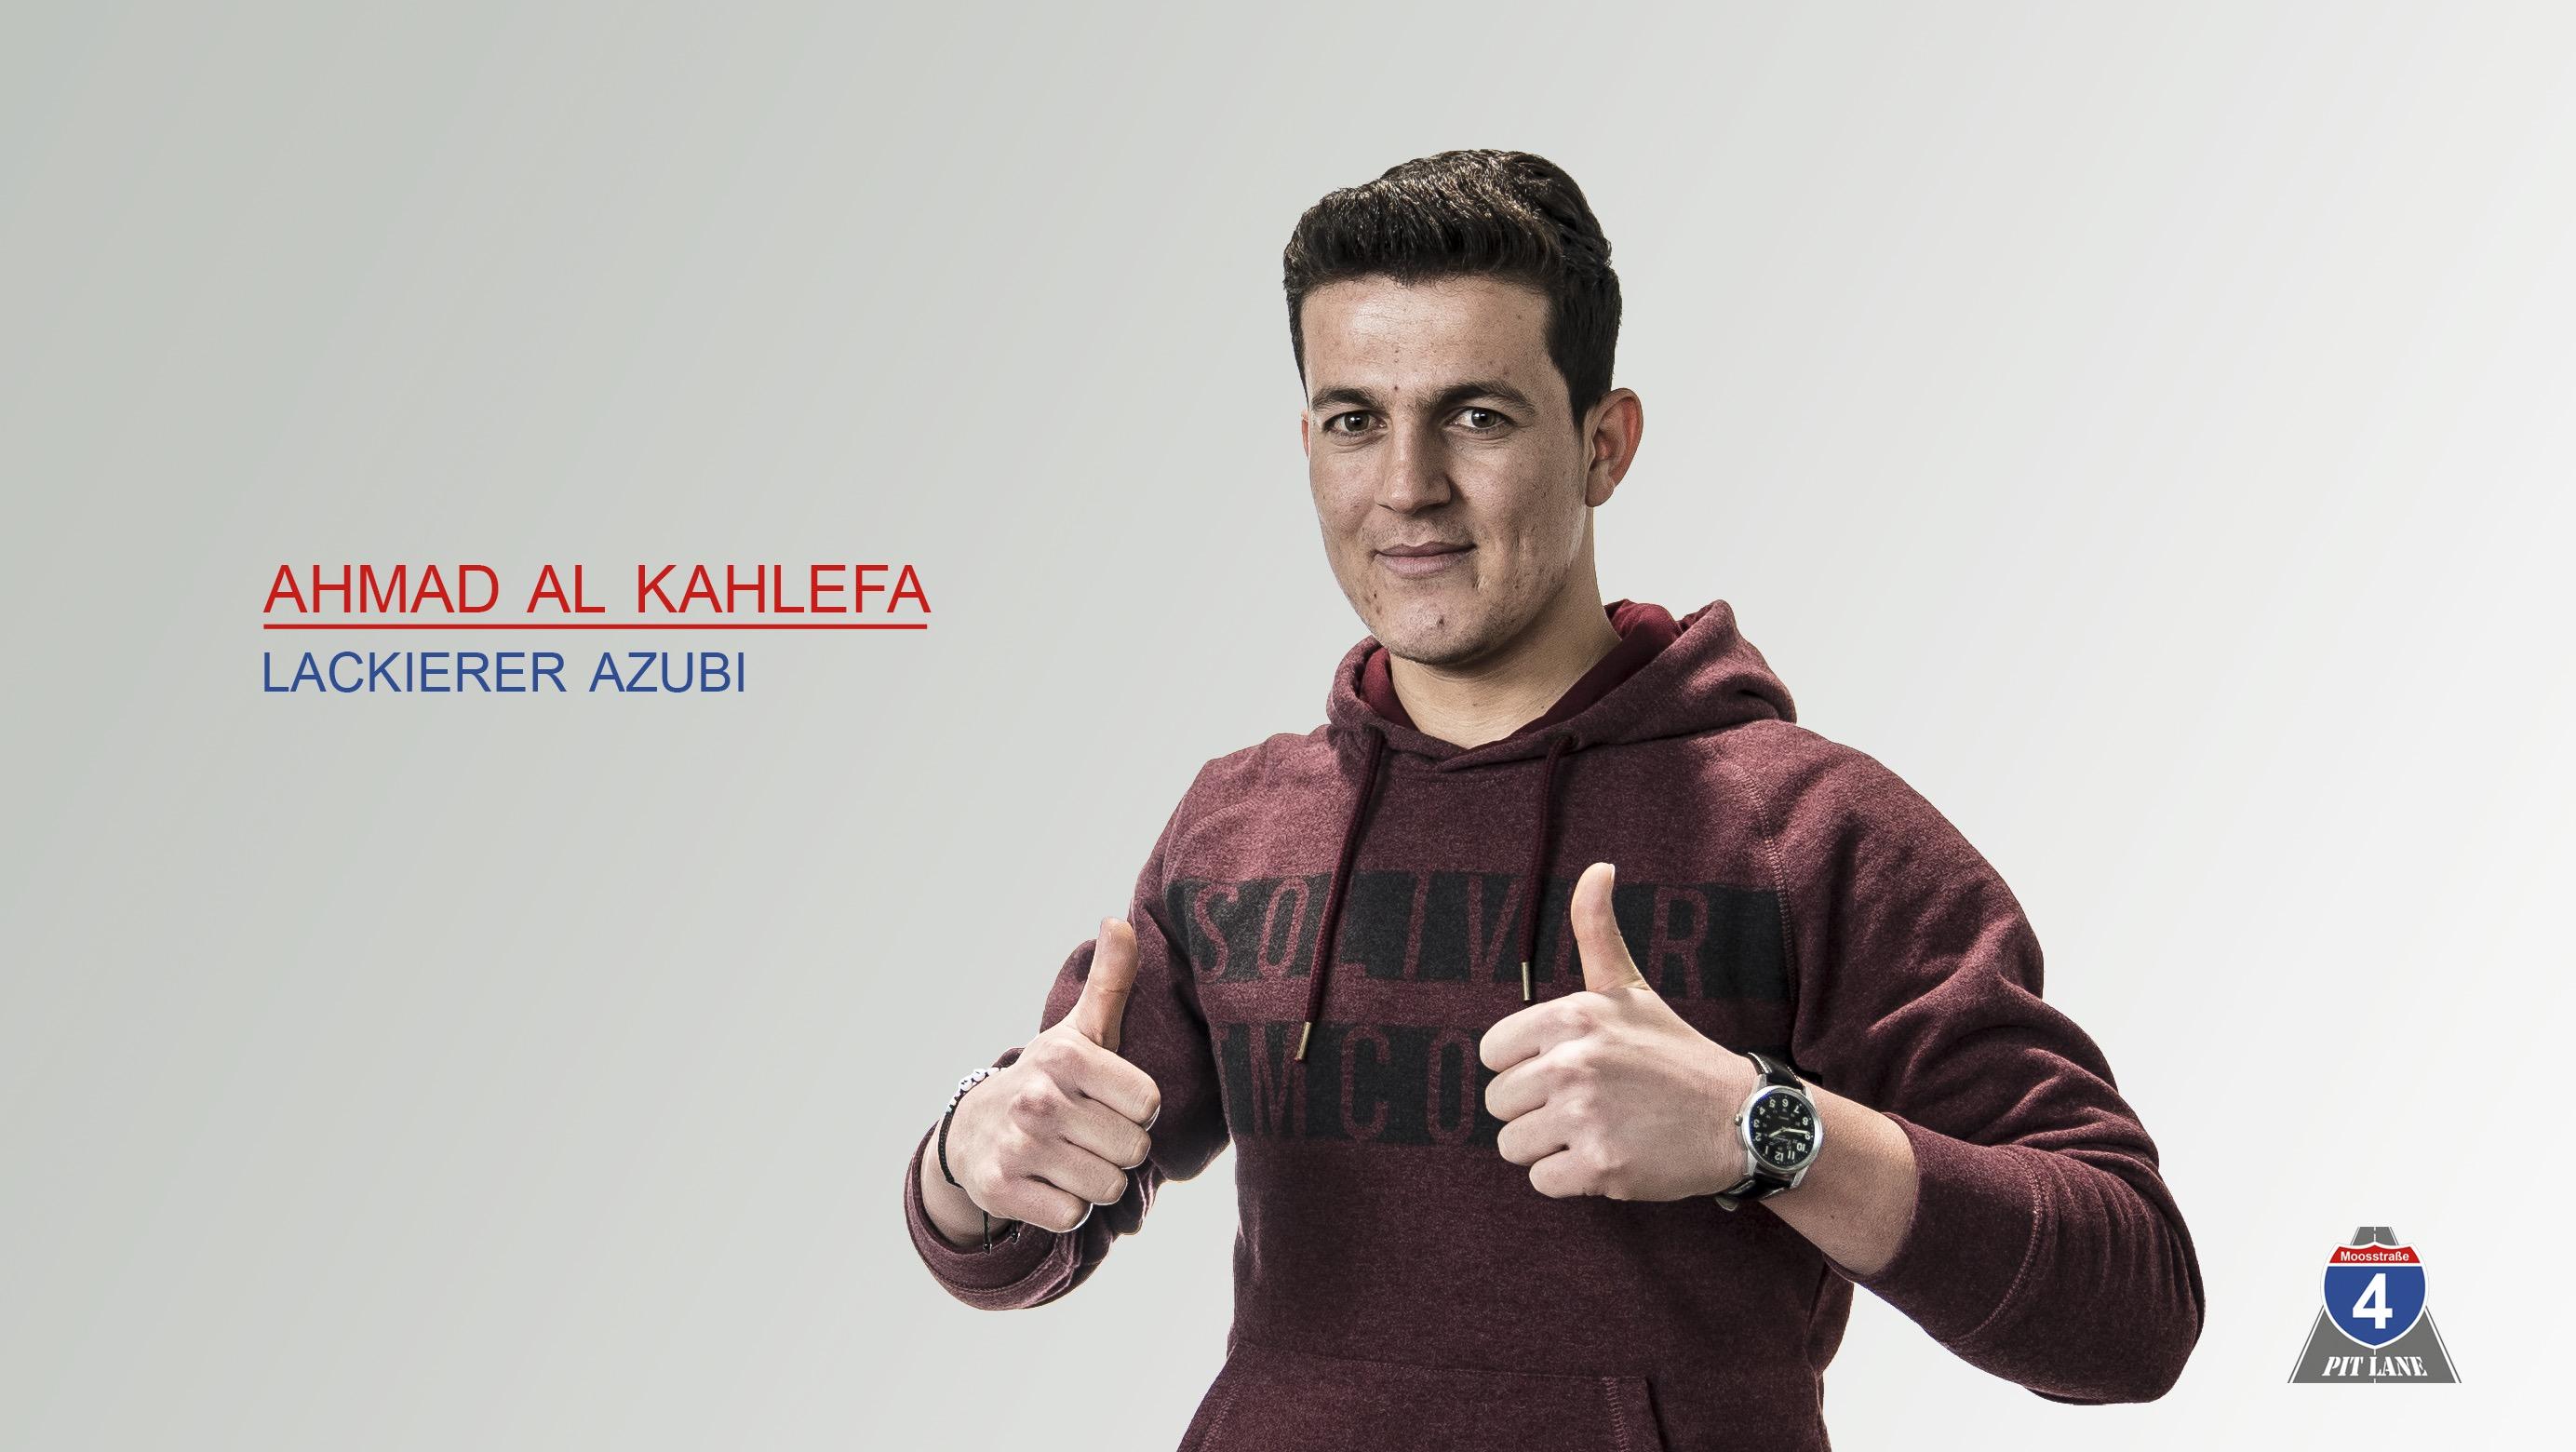 Bild von Ahmad al Kahlefa